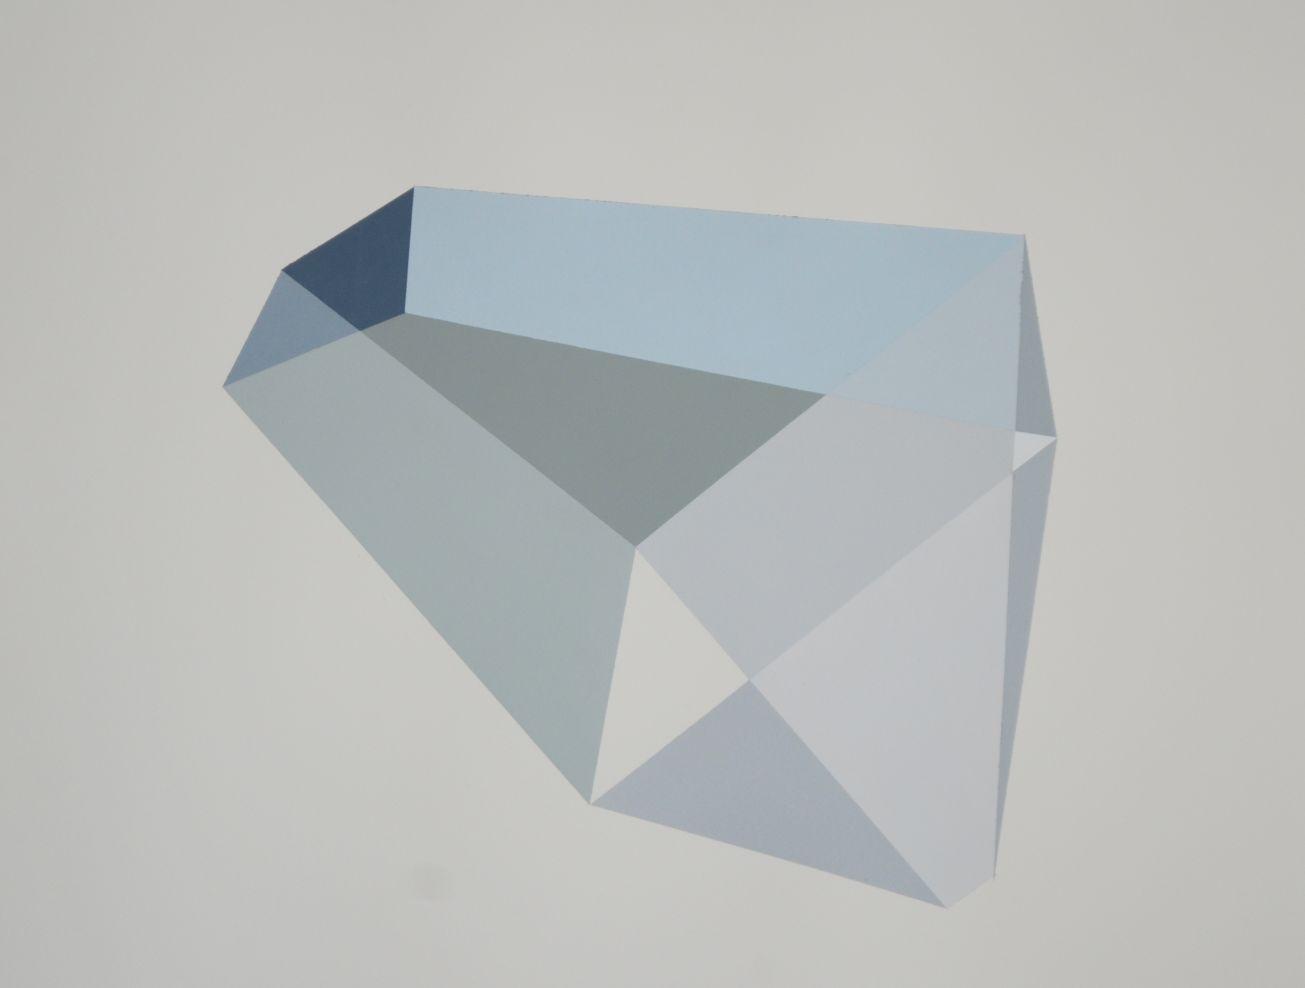 Diaphanous. No.4 (2014) - Julia Carrillo Escalera